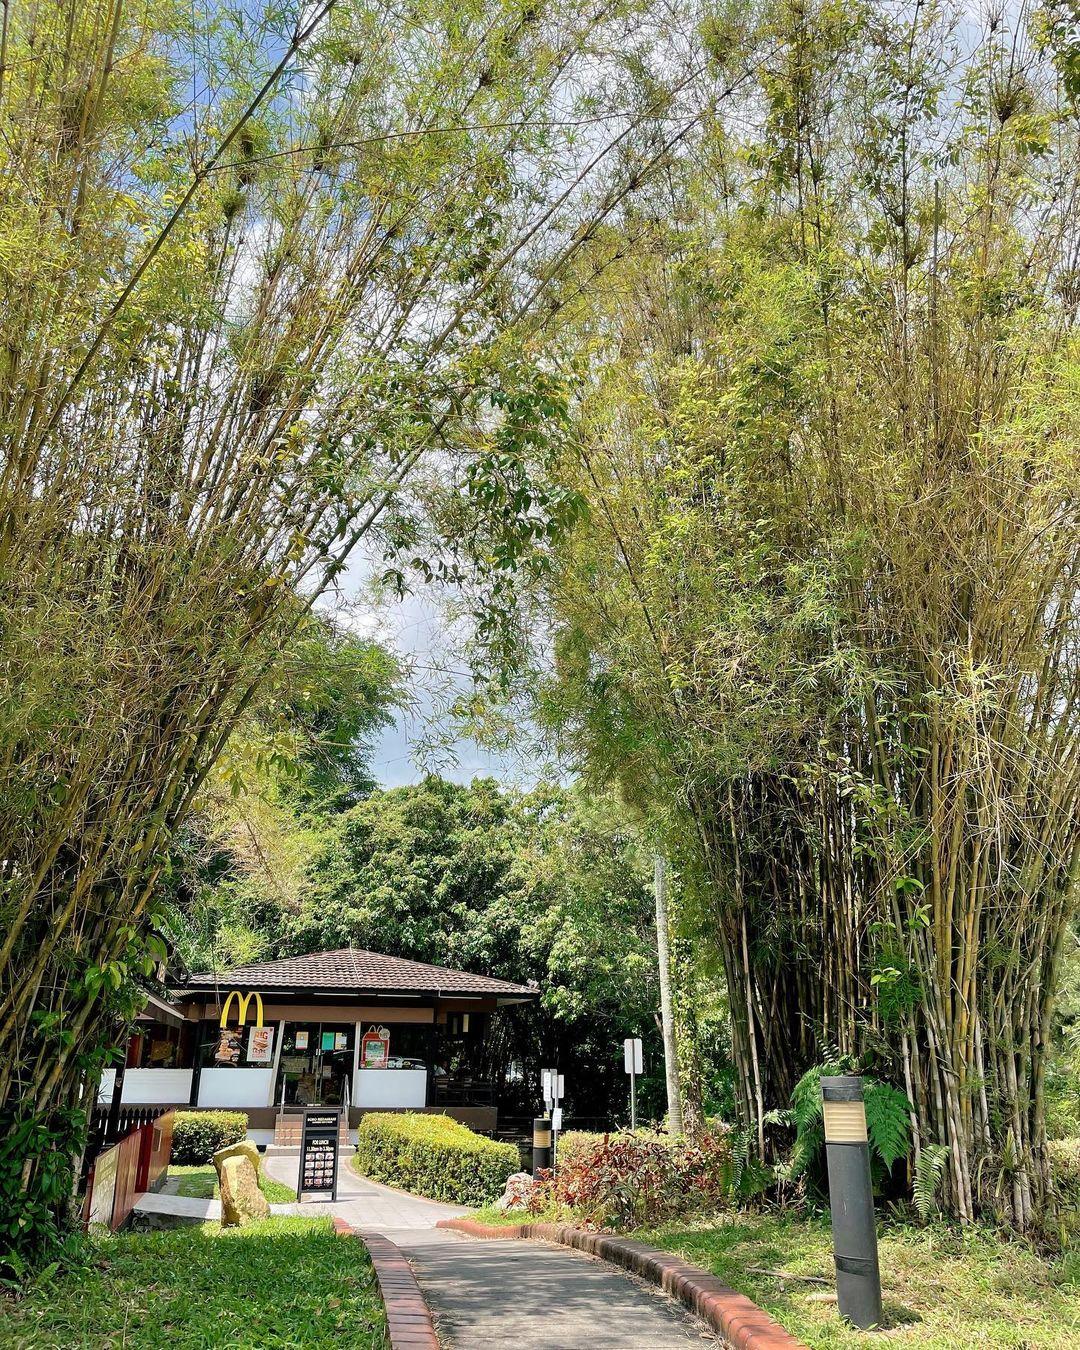 Queensway McDonald's - bamboo grass